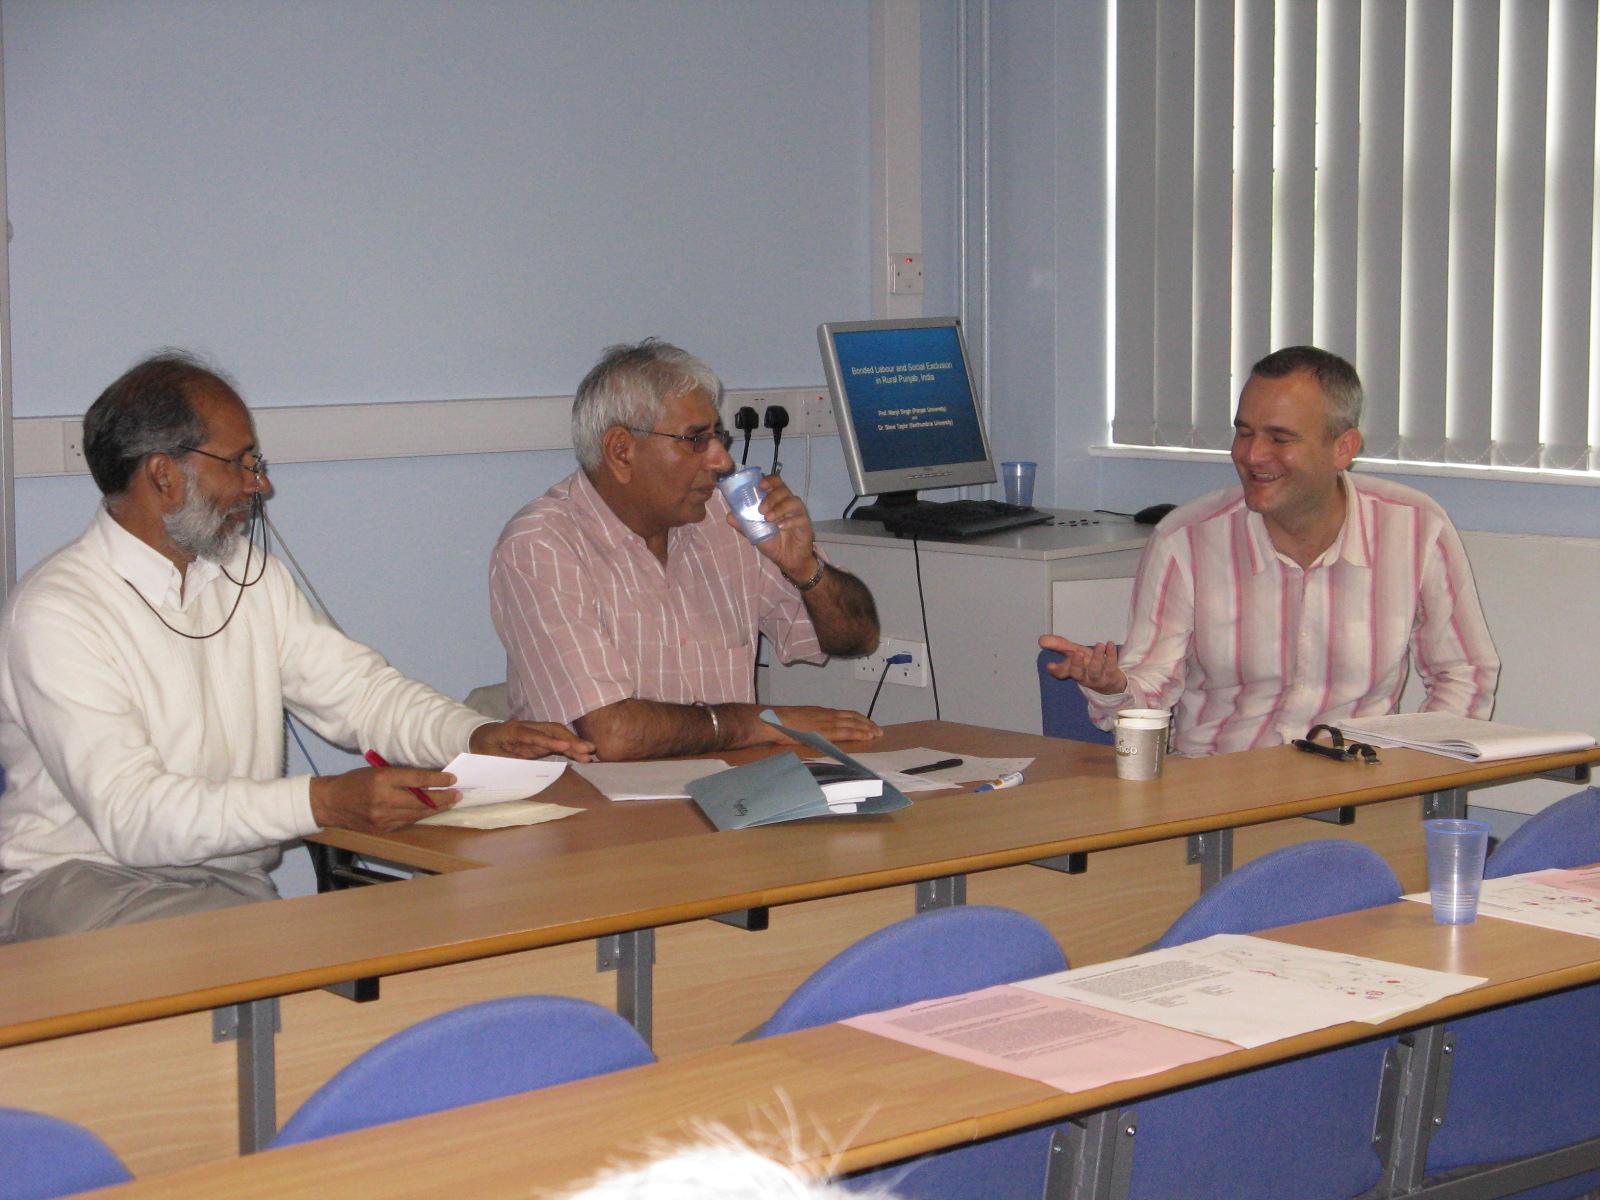 Manjit Singh, Shinder Thandi and Steve Taylor